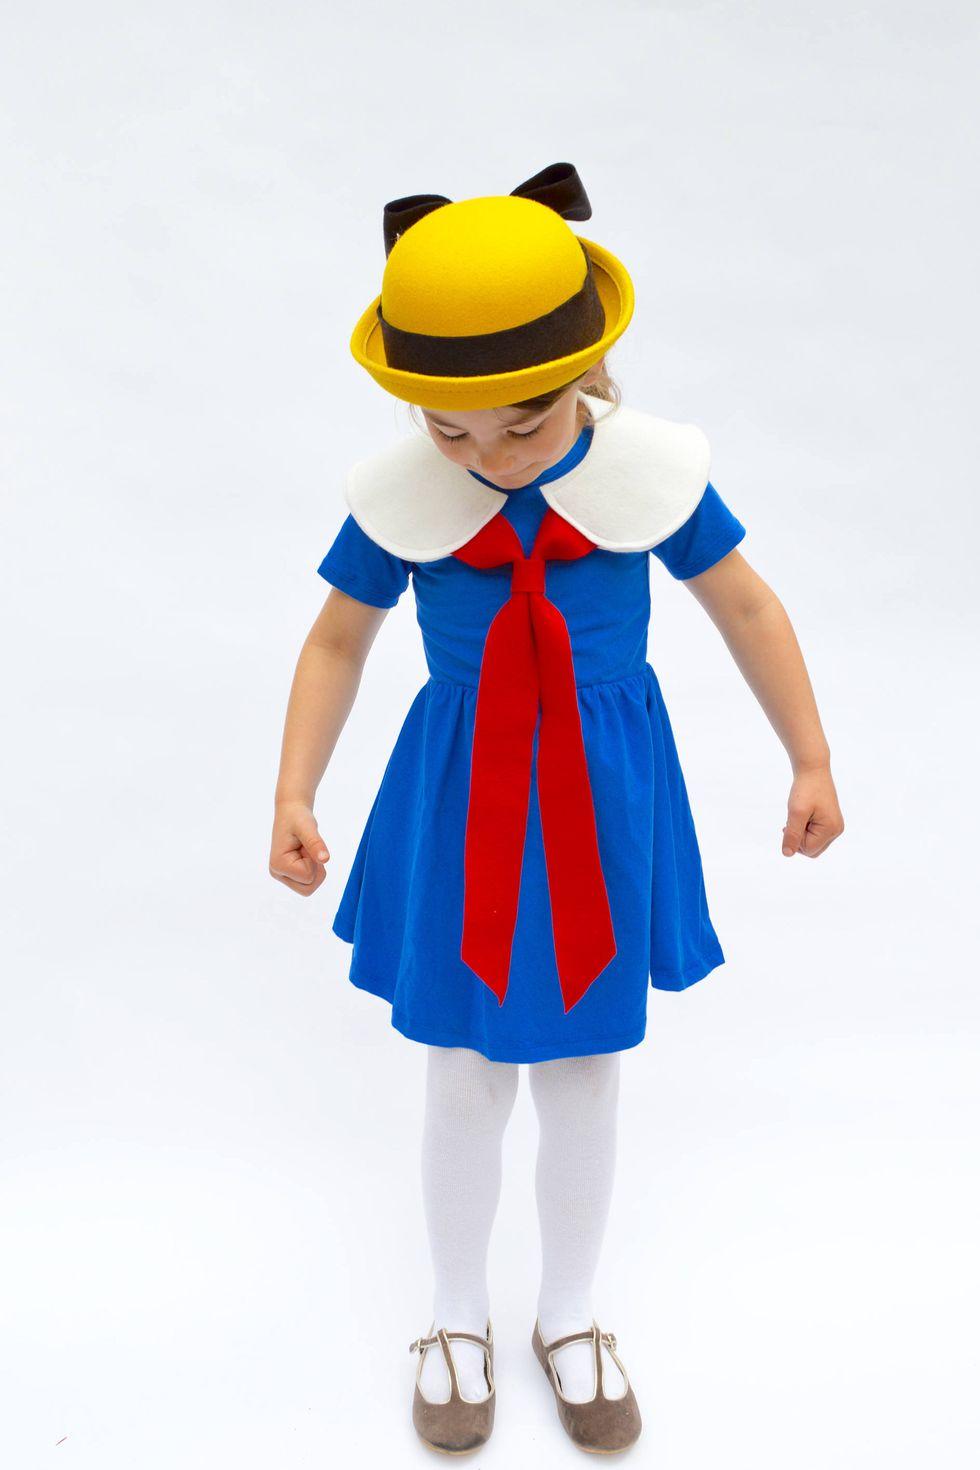 ideias fantasias halloween5 - 25 Ideias de disfarces de Halloween para bebes e crianças